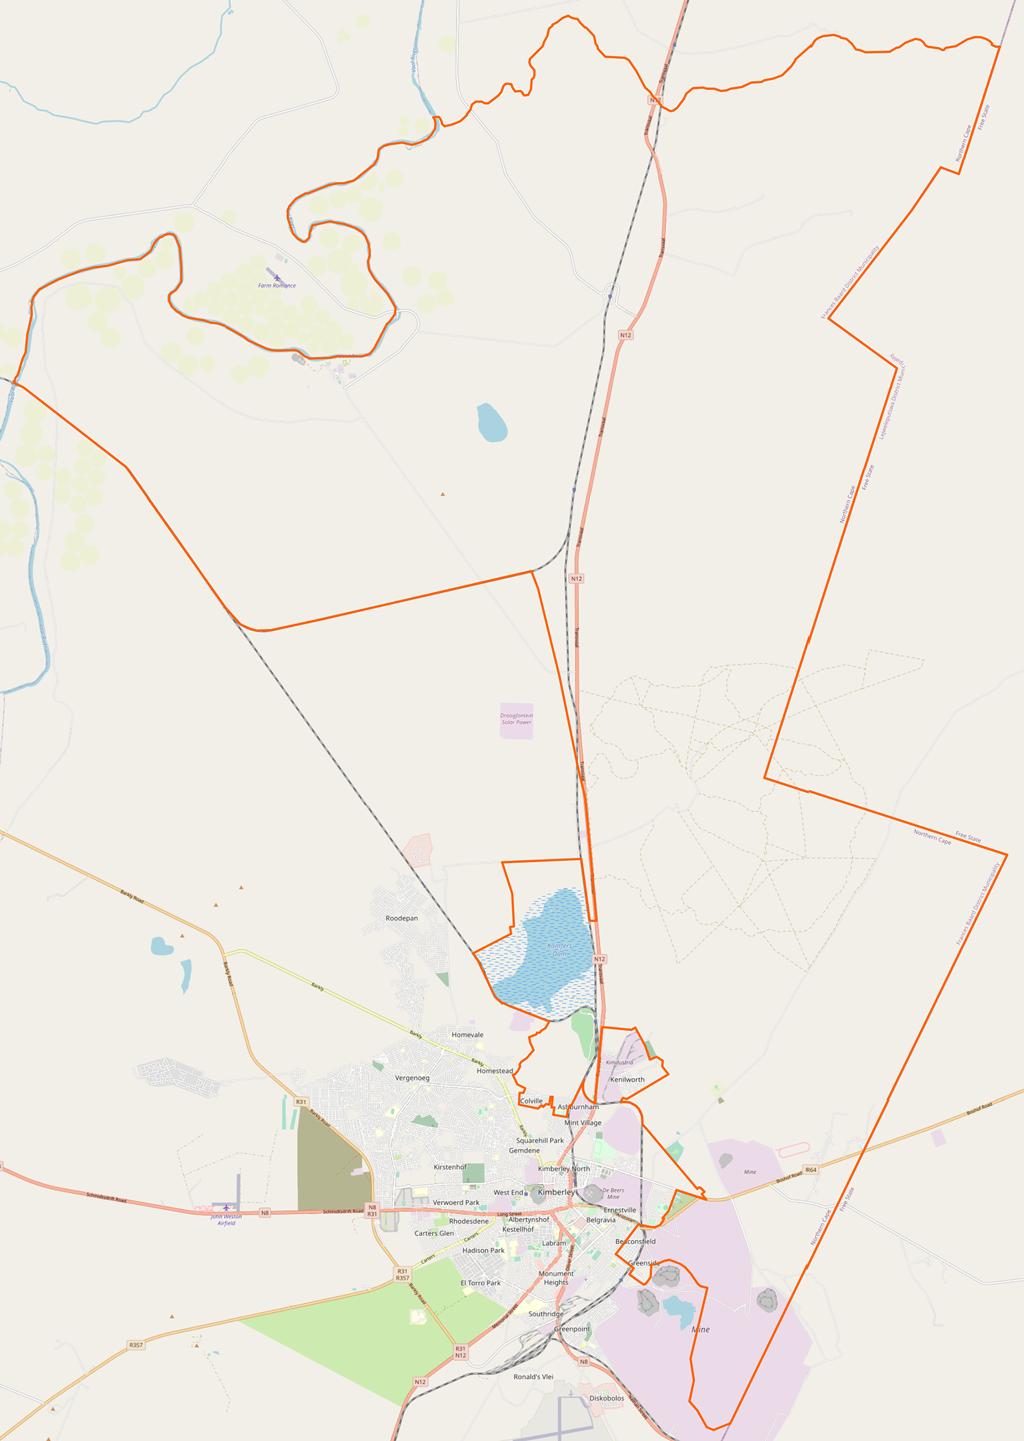 Sol_Plaatje_Ward_28_Map